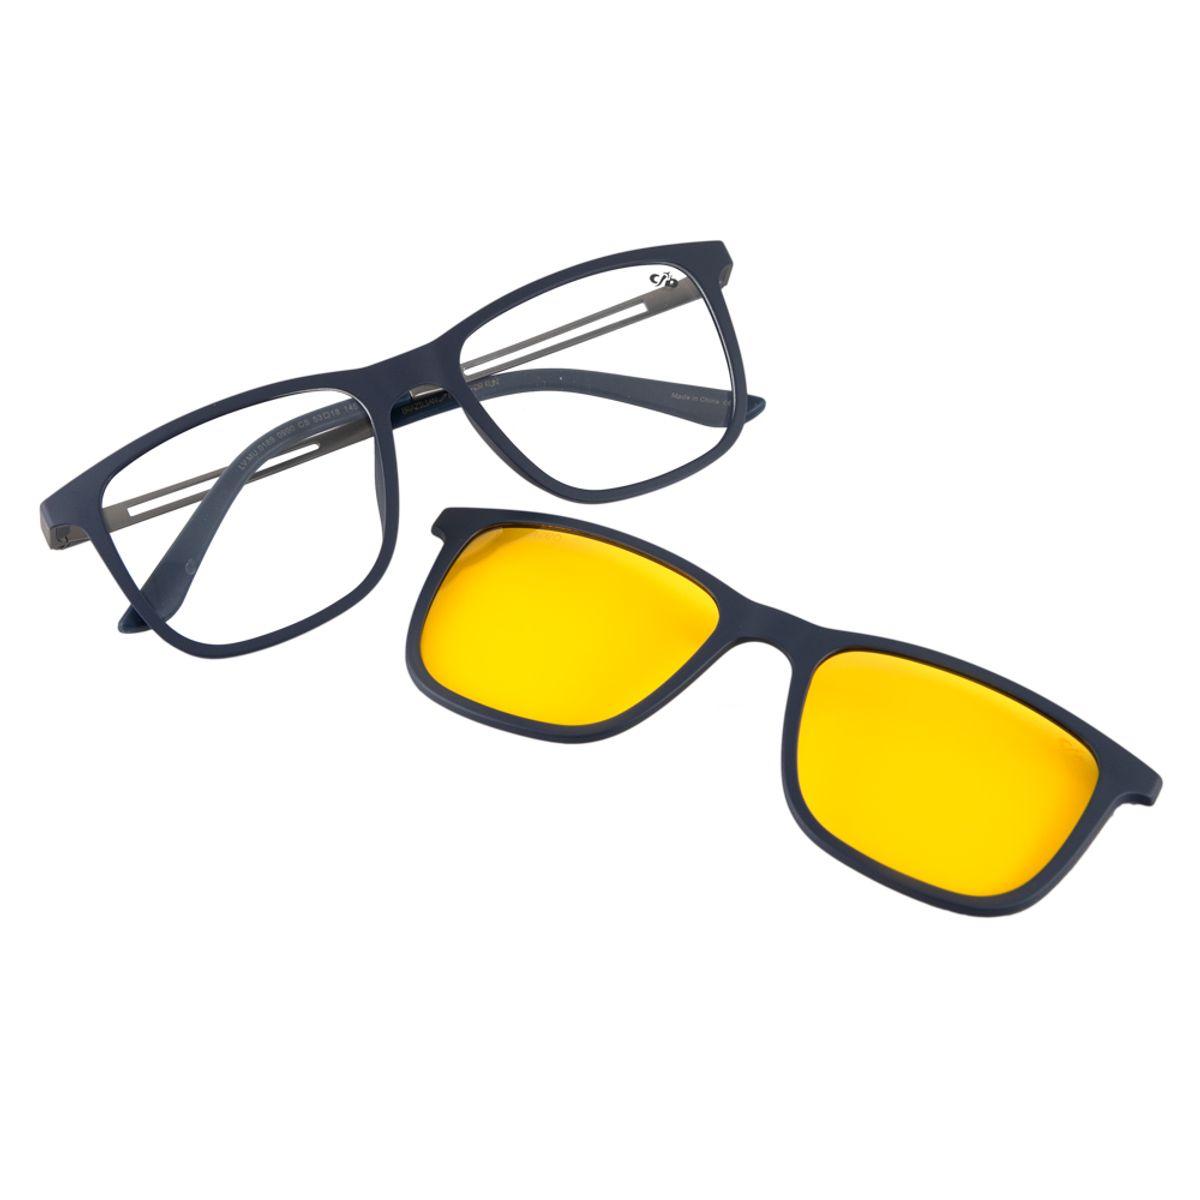 59d343e83 Óculos de Sol Masculino Chilli Beans Drive Amarelo Polarizado 0189 ...